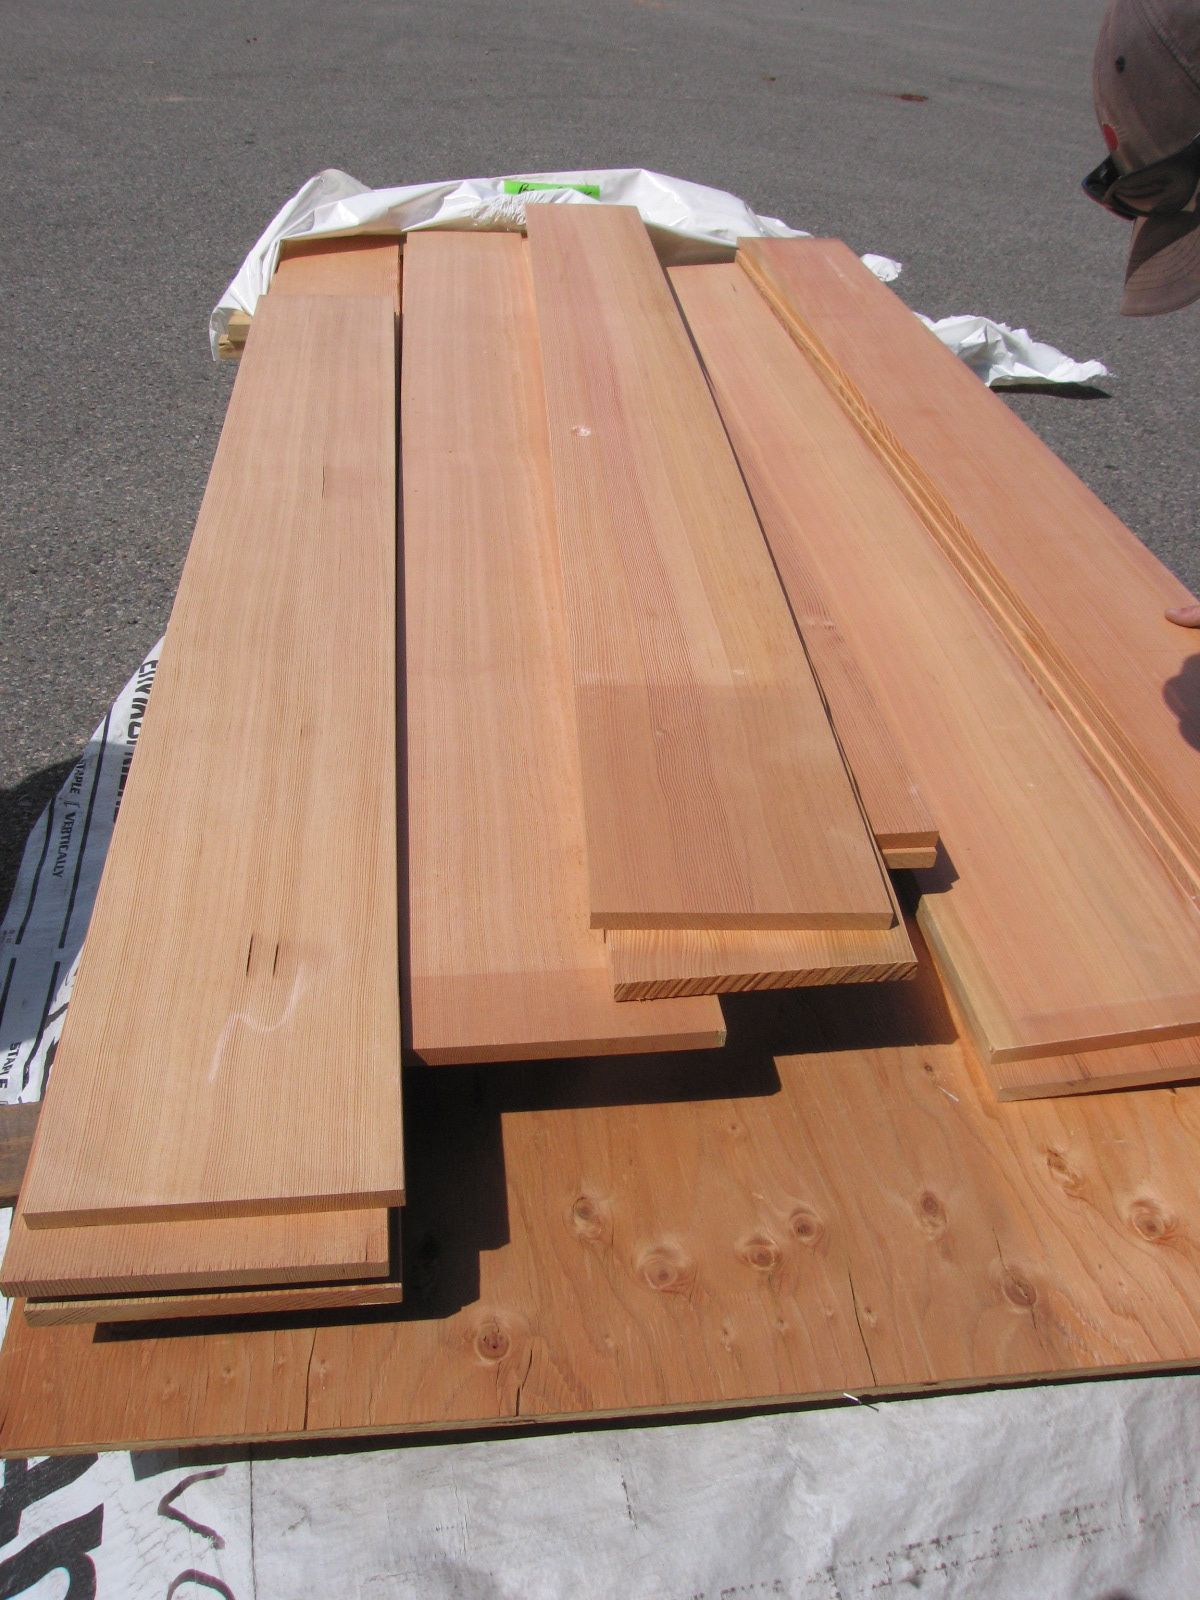 Picture 1x12 Clear Vertical Grain Fir Board Surfaced On Four Sides Fir Wood Douglas Fir